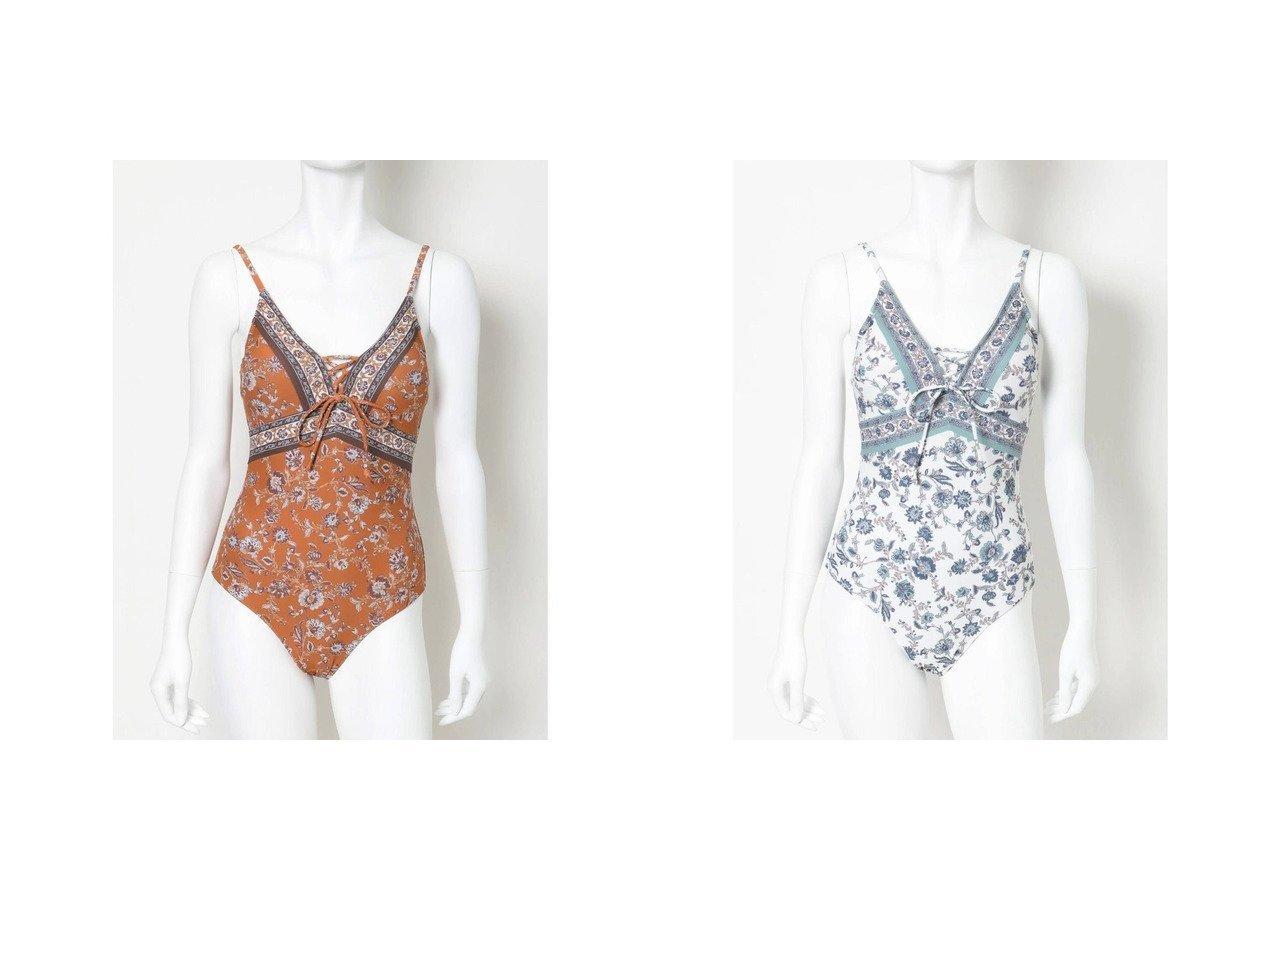 【UNGRID/アングリッド】のUngrid Shira おすすめ!人気、トレンド・レディースファッションの通販 おすすめで人気の流行・トレンド、ファッションの通販商品 インテリア・家具・メンズファッション・キッズファッション・レディースファッション・服の通販 founy(ファニー) https://founy.com/ ファッション Fashion レディースファッション WOMEN オイル 春 Spring ビーチ プリント ポケット 2021年 2021 S/S・春夏 SS・Spring/Summer 2021春夏・S/S SS/Spring/Summer/2021  ID:crp329100000044383